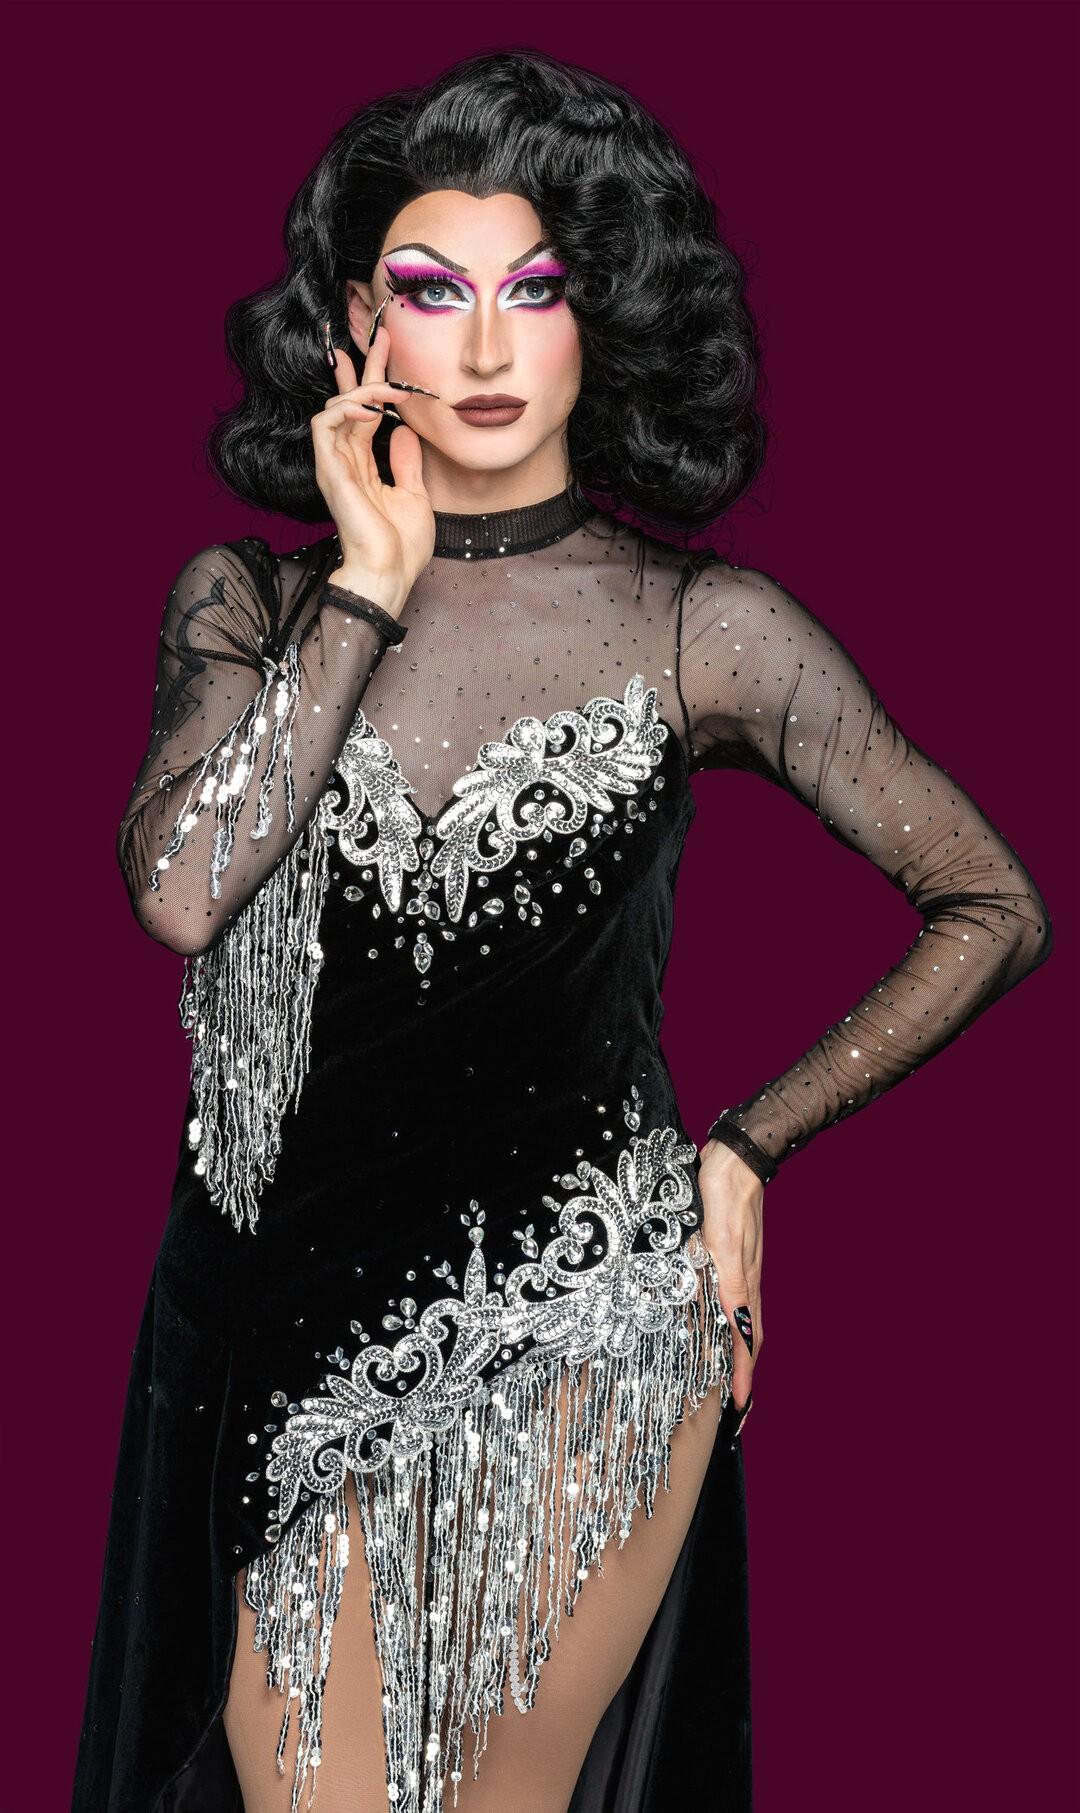 Queen Of Drags: Bilder-Galerie der zehn Drag Queens - Bild 1 von 20